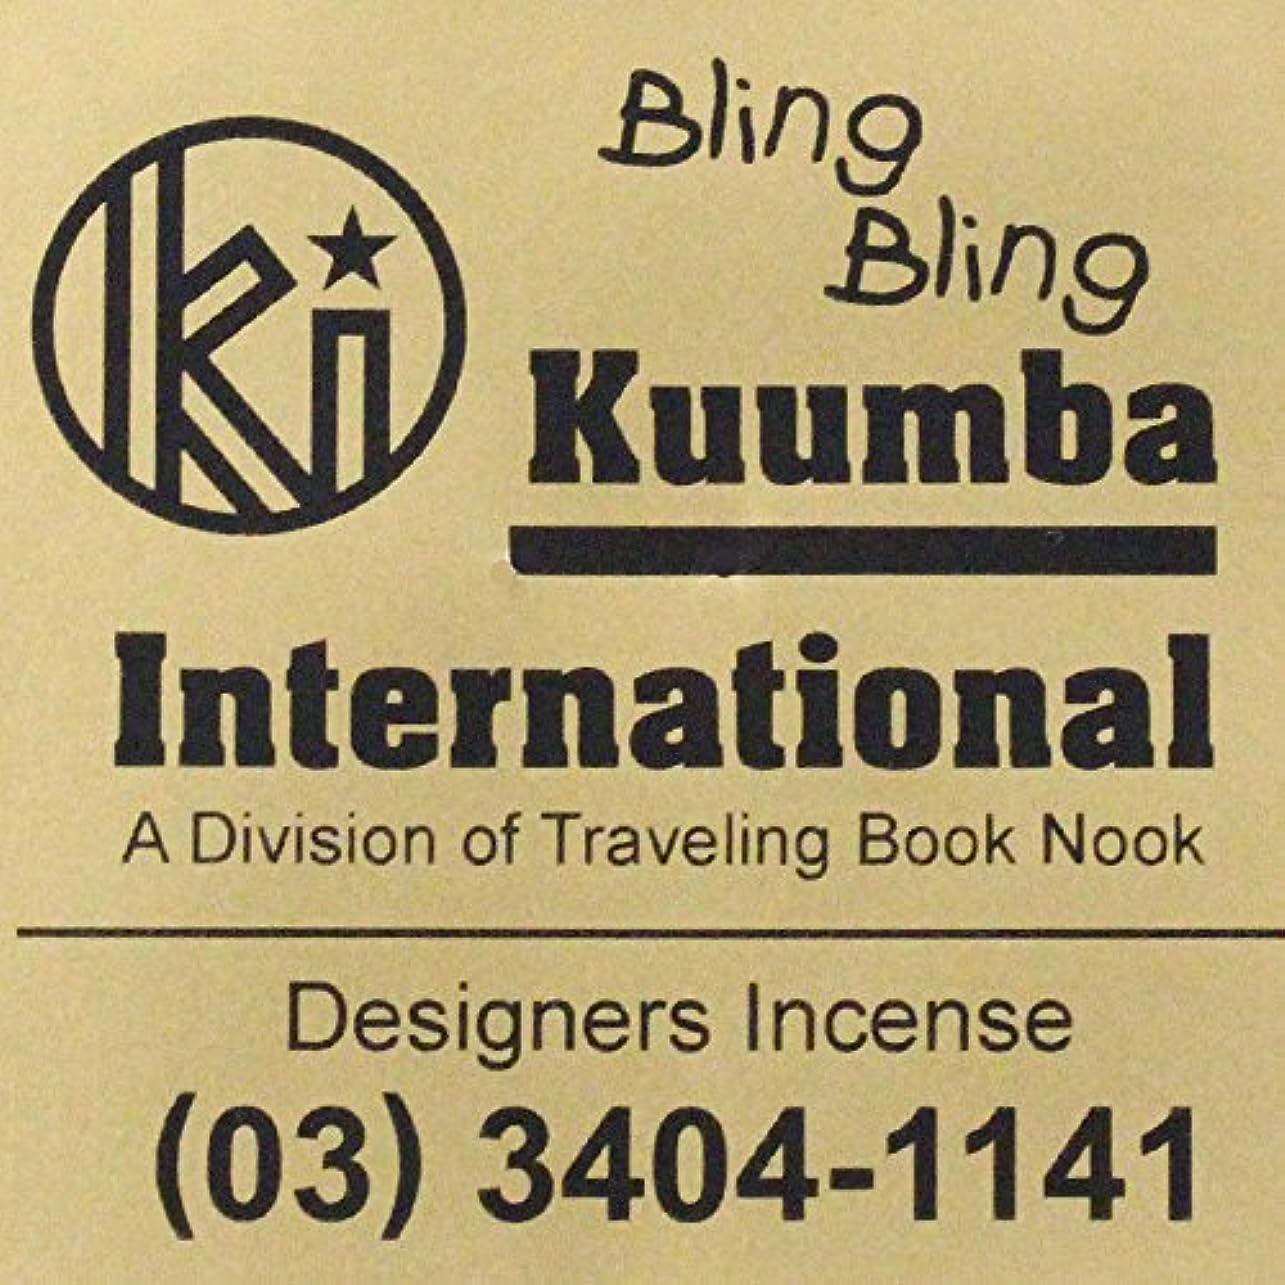 漁師なぞらえるラフ睡眠(クンバ) KUUMBA『incense』(Bling Bling) (Regular size)